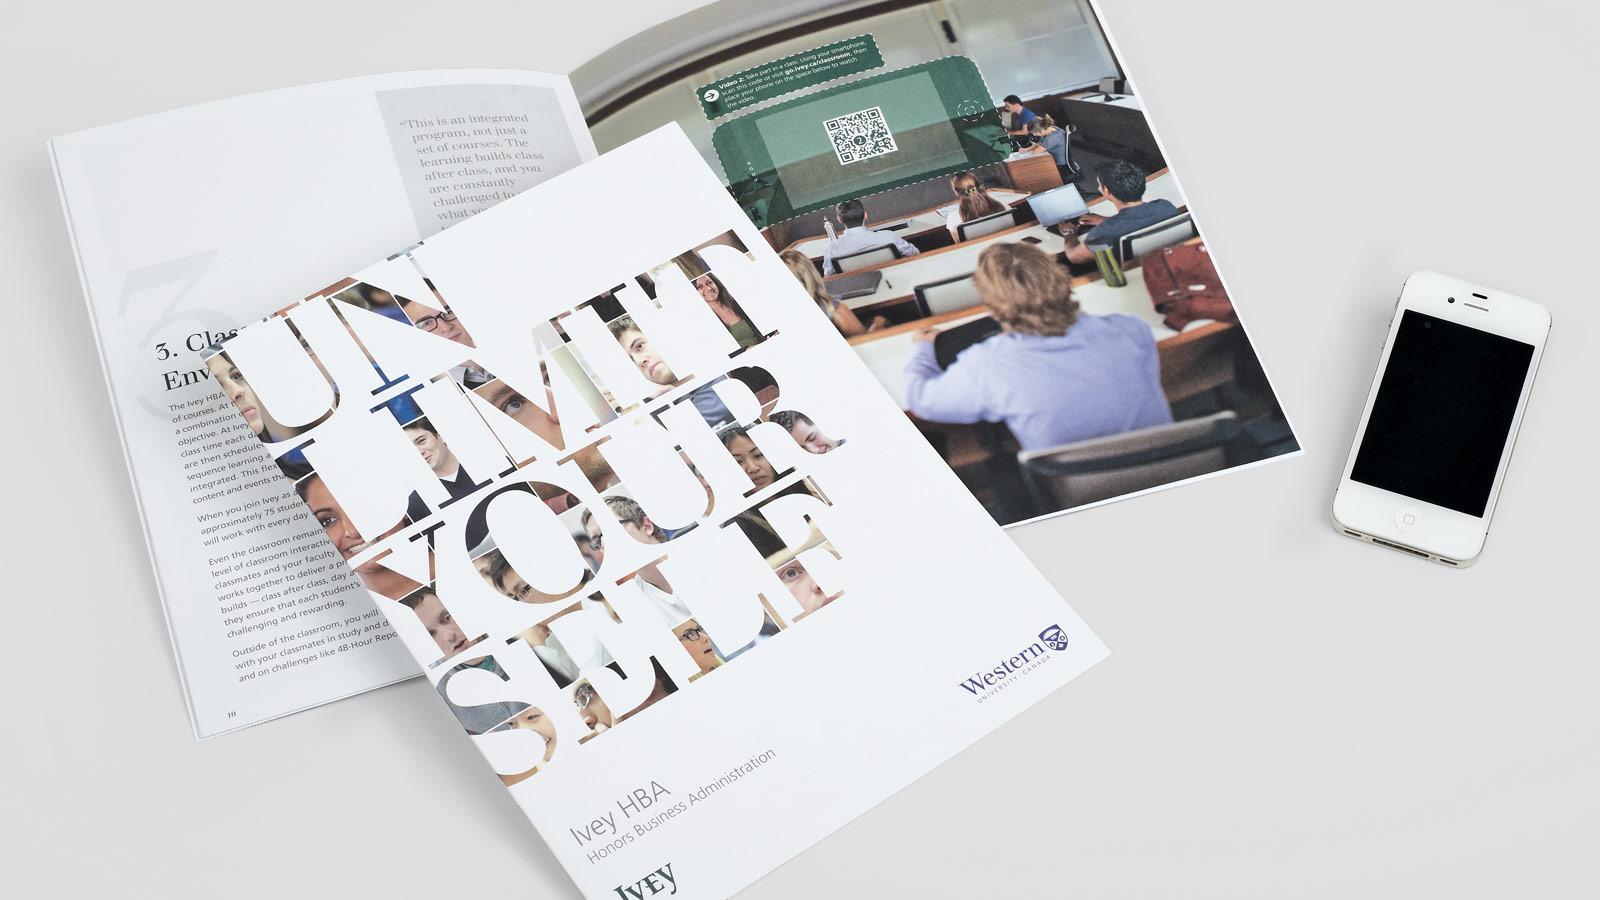 Ivey Business School at Western University | Brochure du HBA | Image de marque, Innovation numérique, Marketing numérique, Médias sociaux, Mobilité adaptée, Publicité, Stratégie de marque